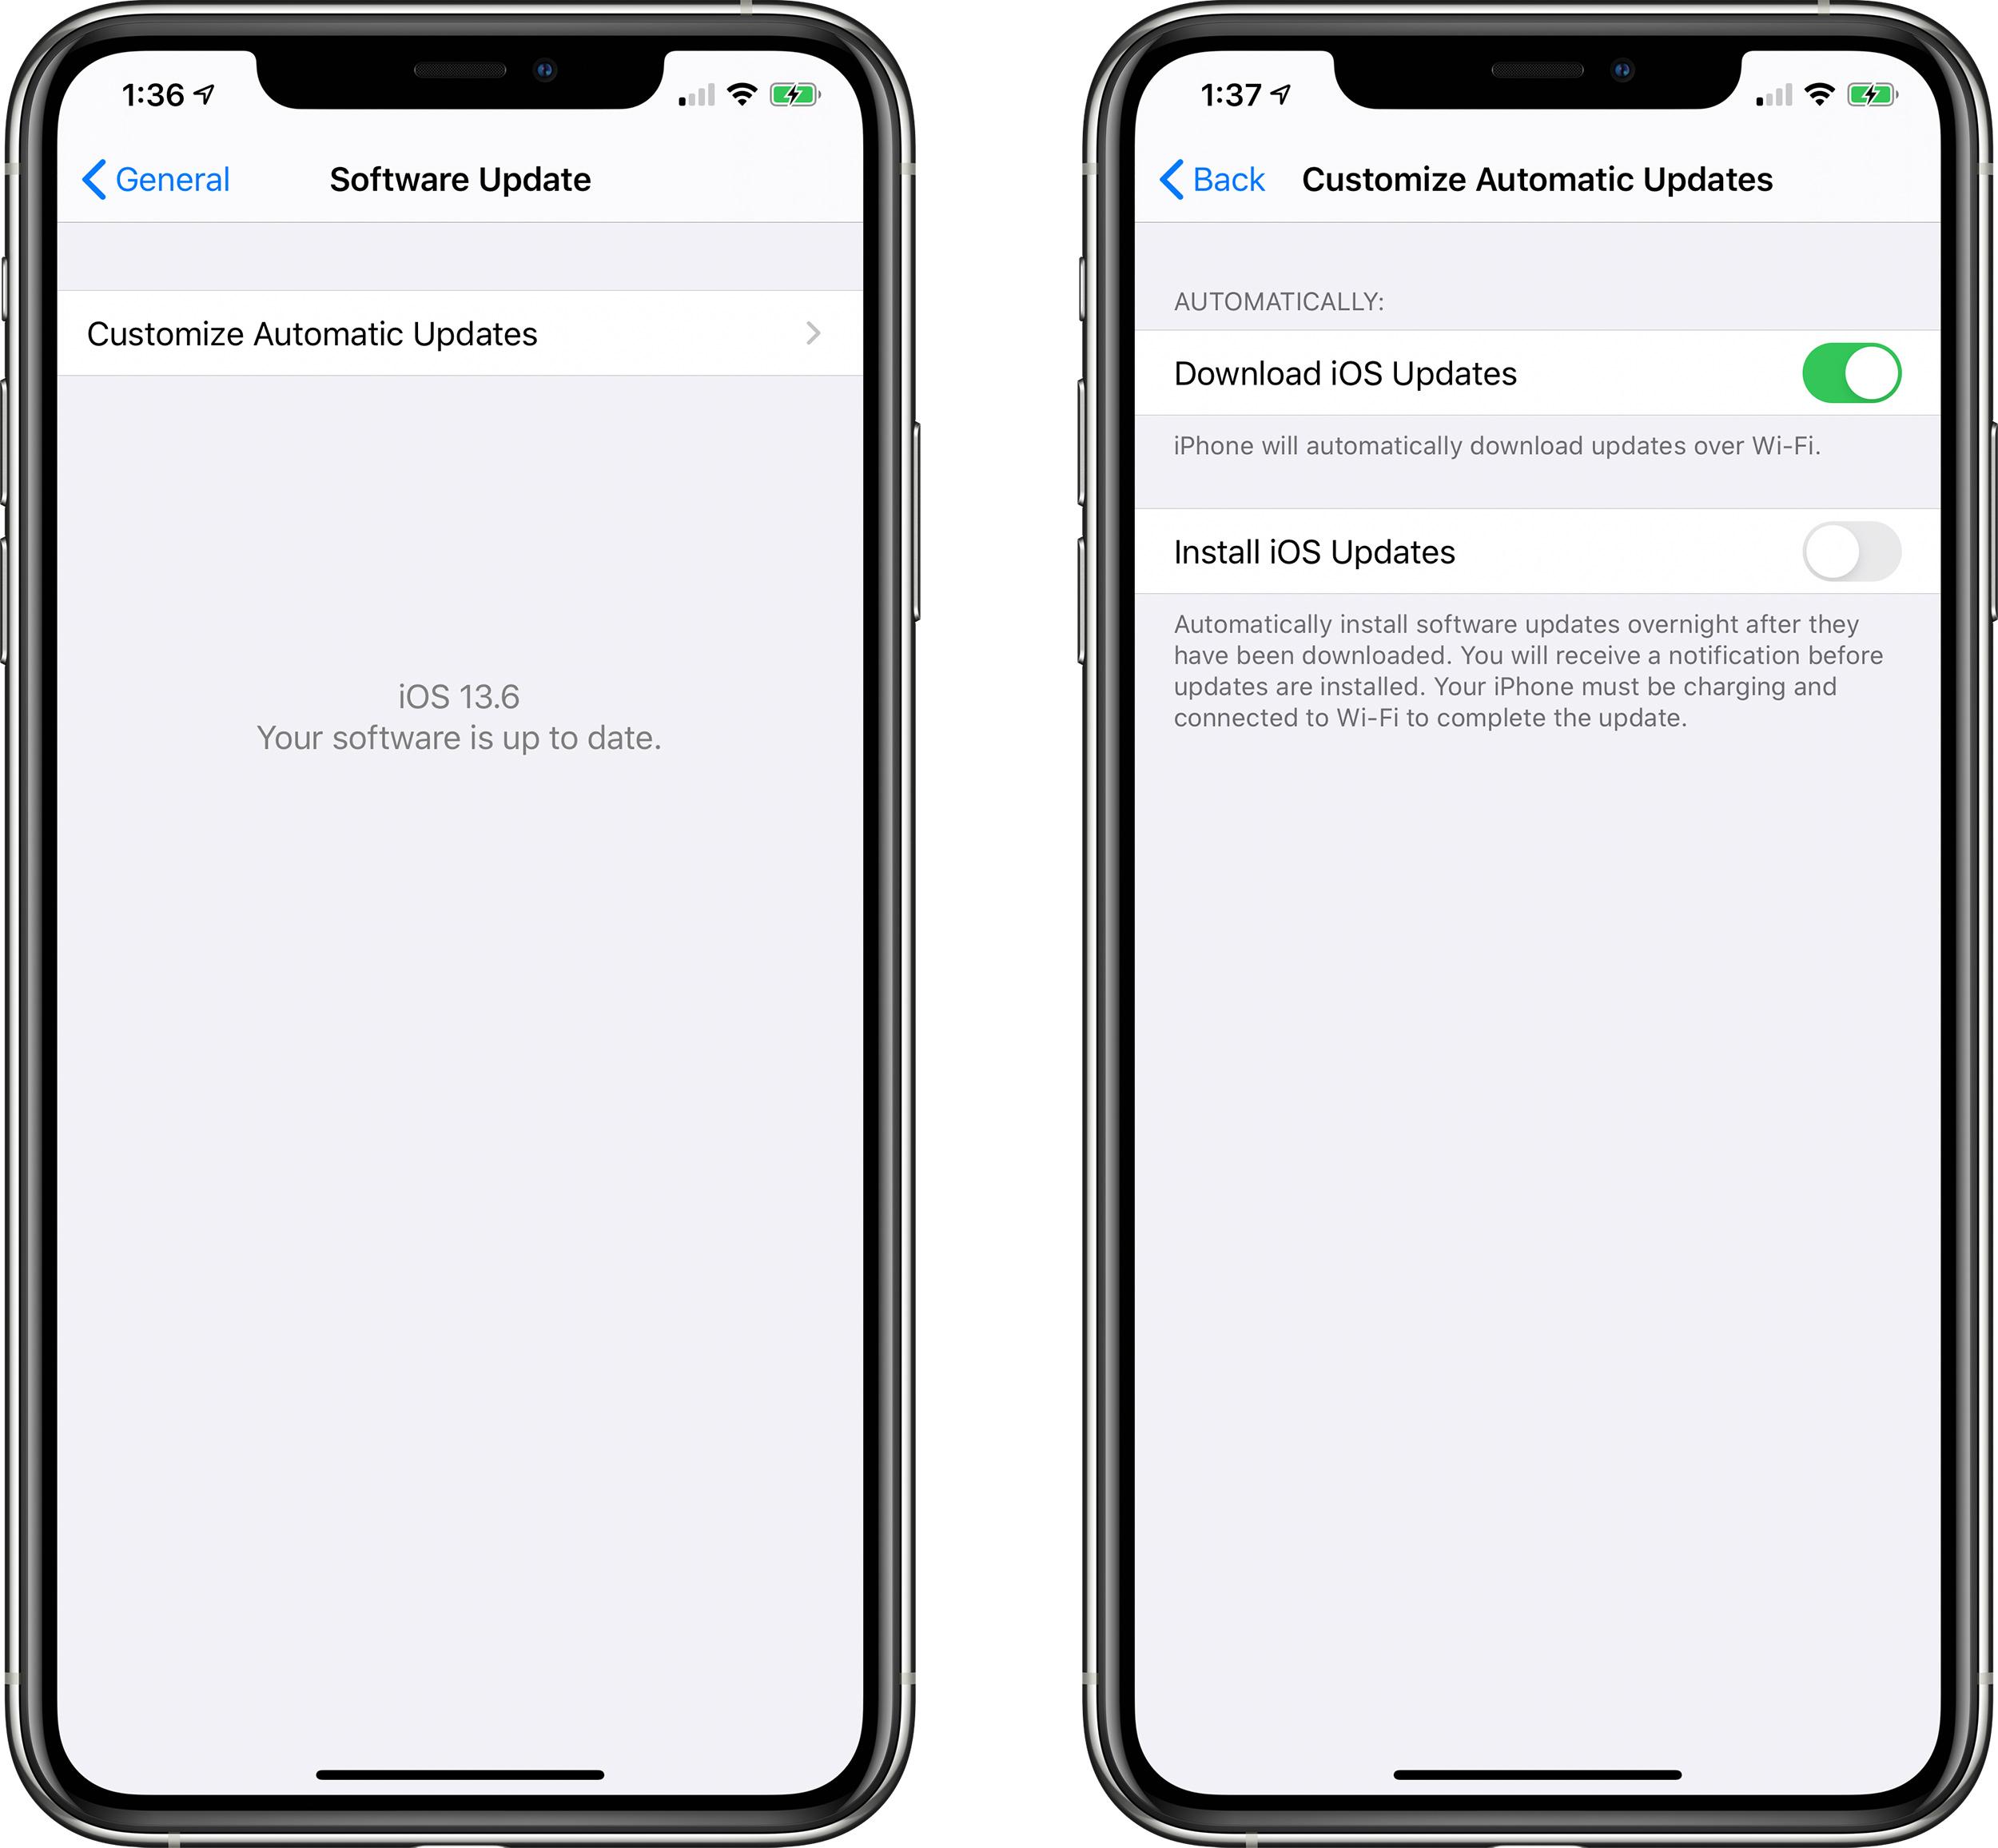 iOS 13.6 Beta добавляет переключатель для отключения автоматического обновления iOS загрузки